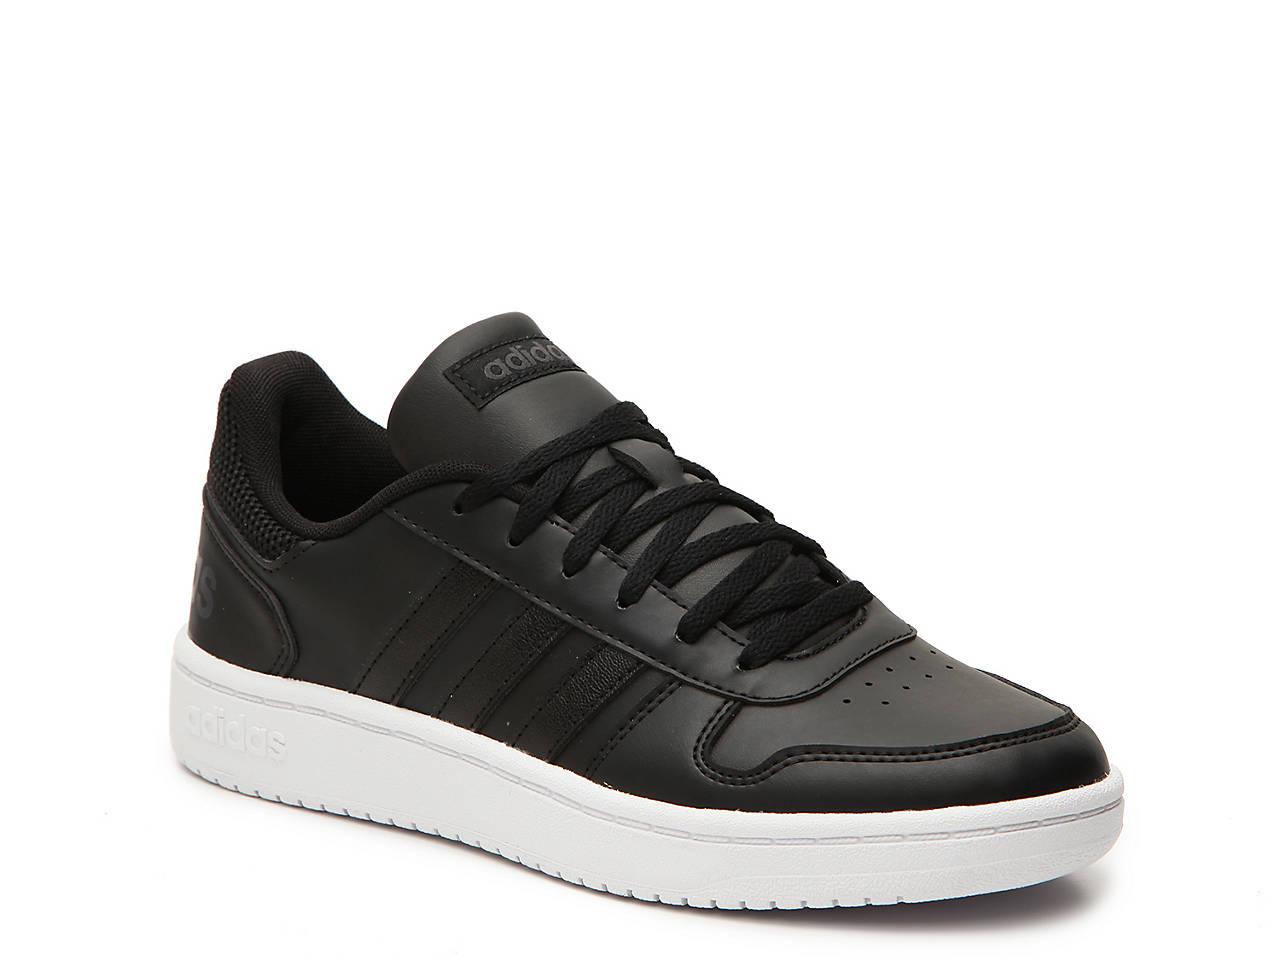 d64fb655ea8 adidas Hoops 2.0 Sneaker - Women s Women s Shoes